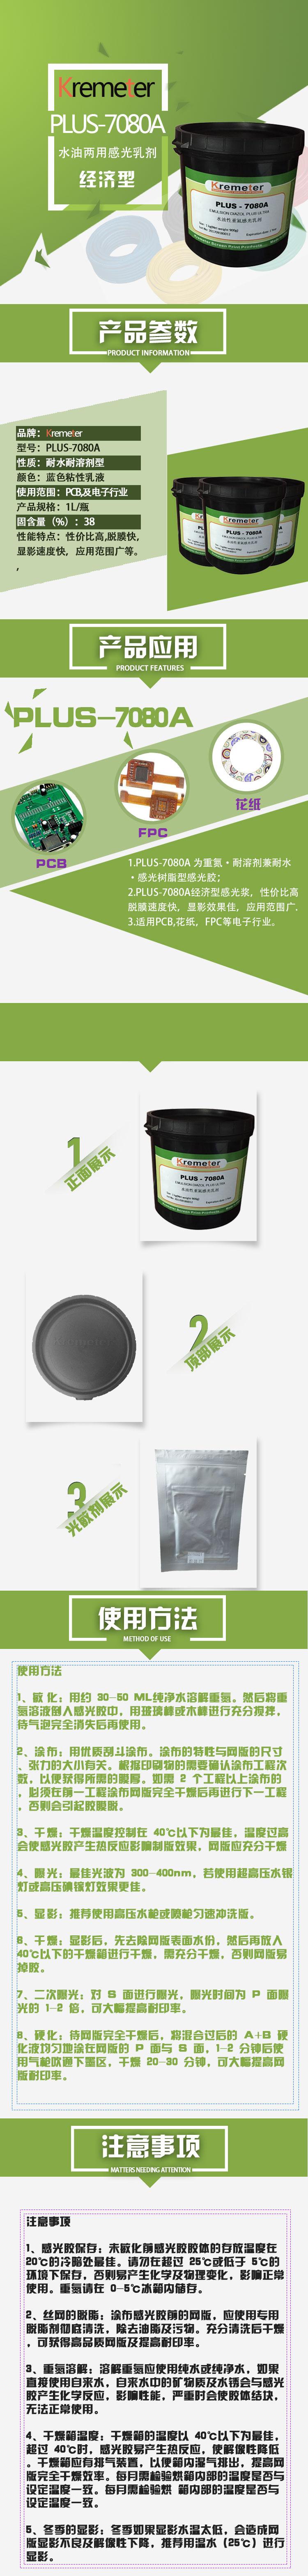 http://www.zechengfeng.net/images/admin/upload/20200108/bcfcb6e5a191d26ed23bb94b7c0a0328.jpg